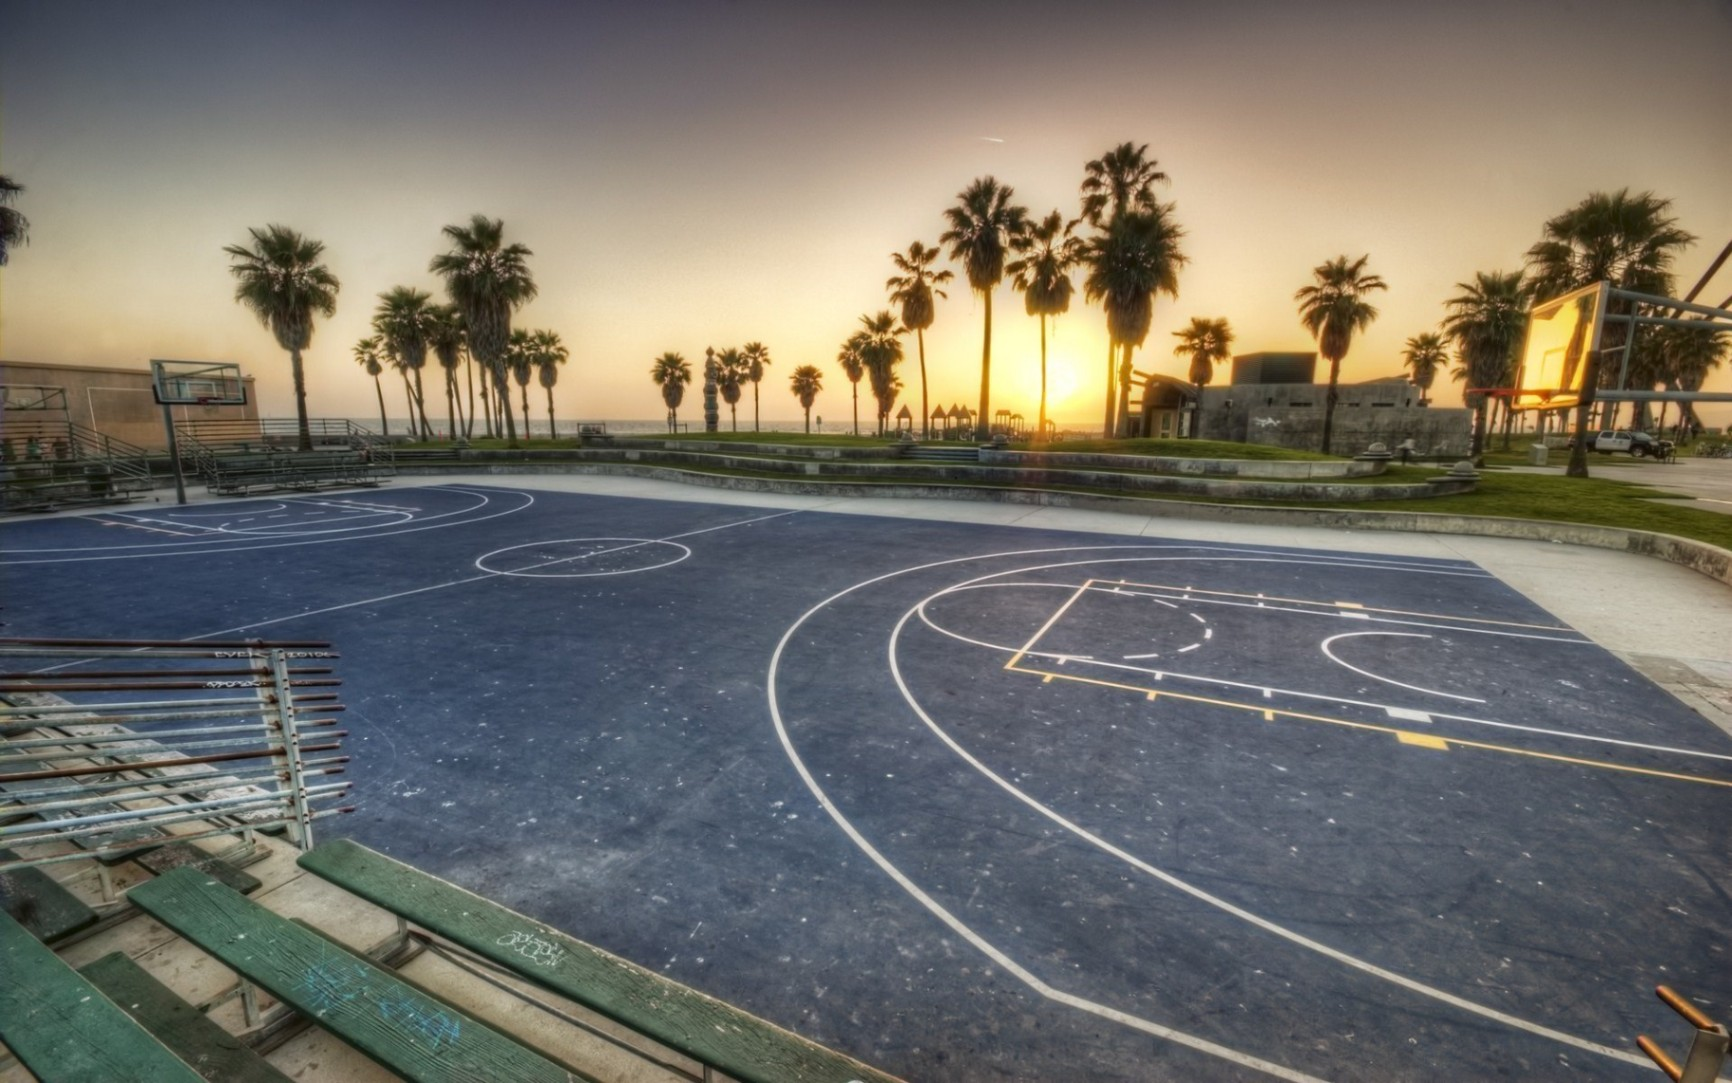 Conheça as 10 quadras de basquete mais exóticas do mundo